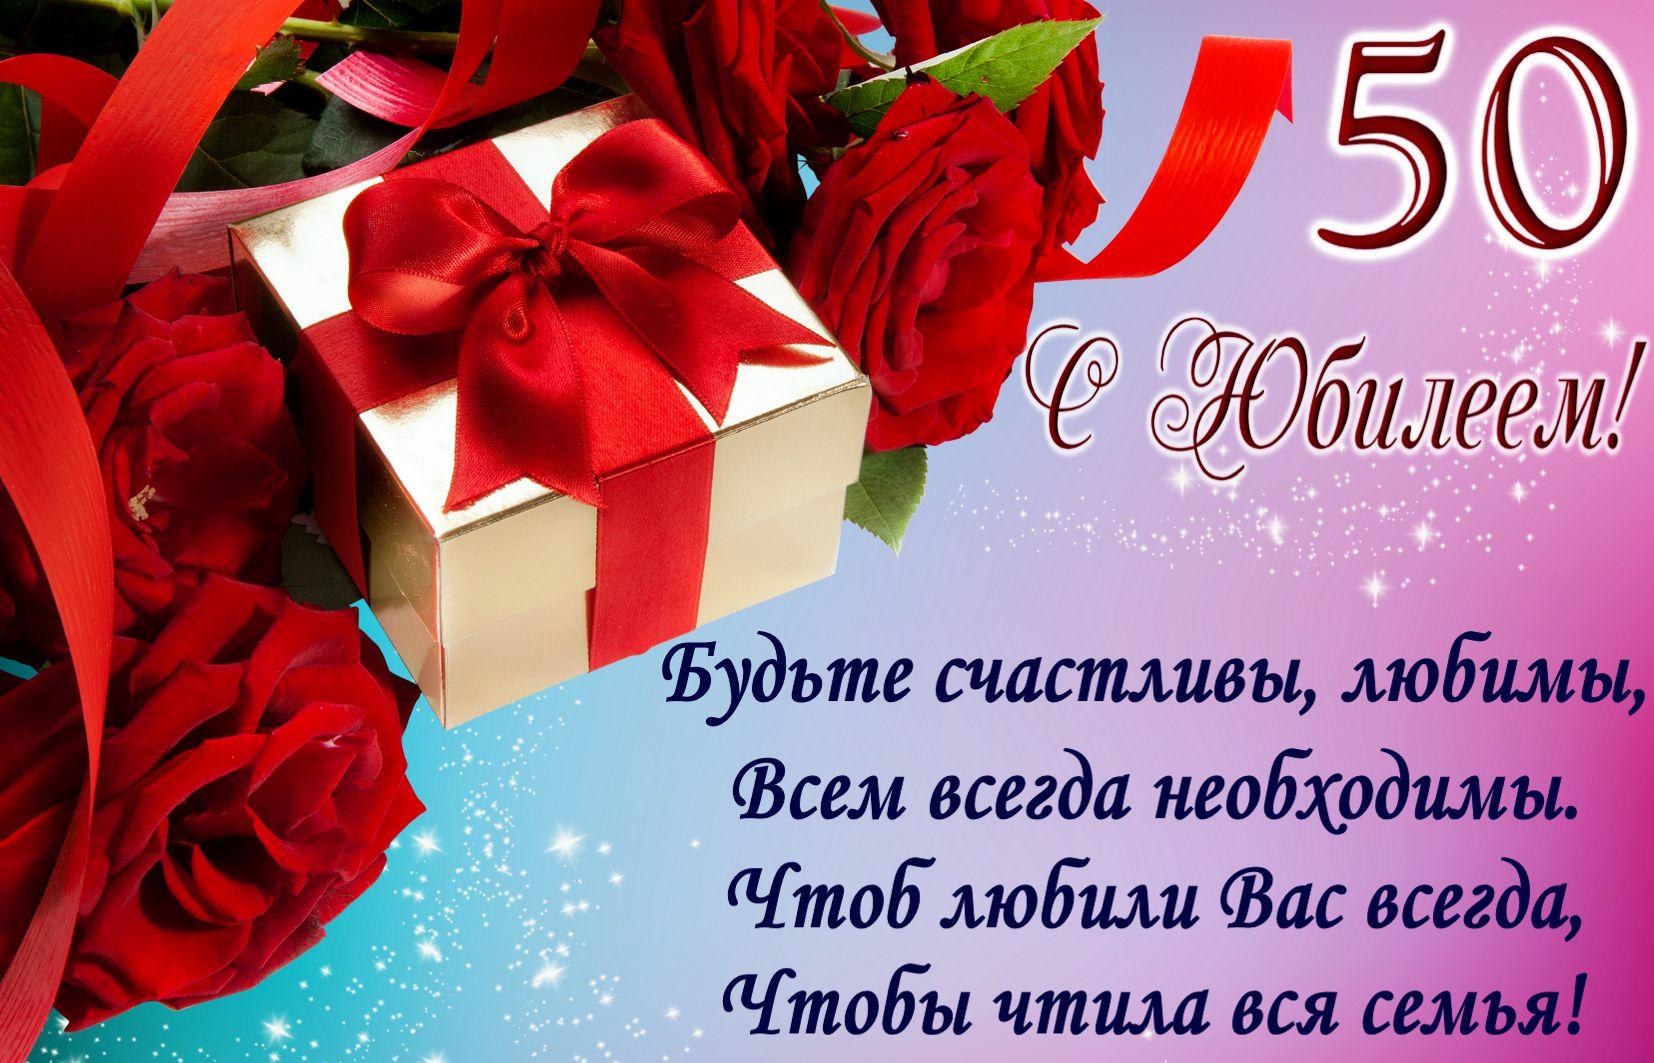 Открытка - подарок с пожеланием на 50 День рождения